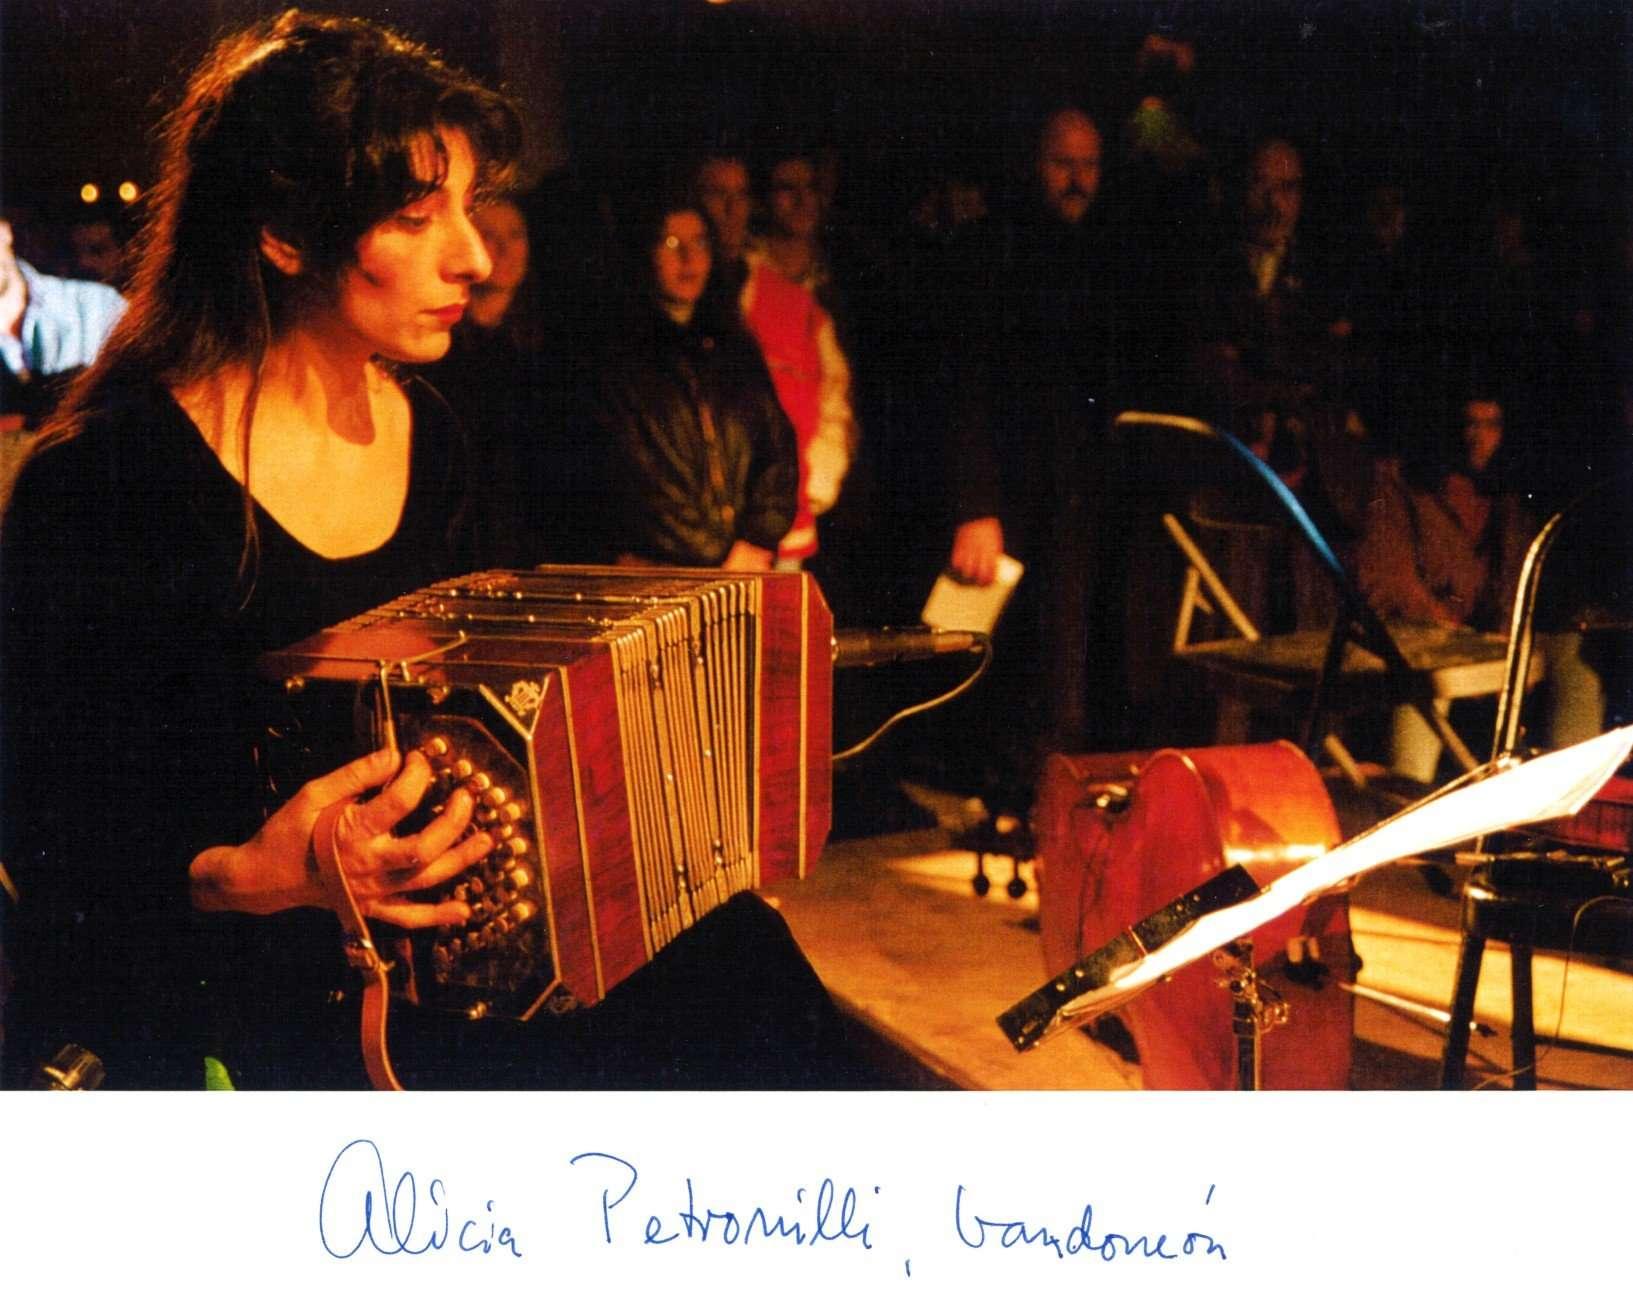 Alicia Petronelli som ensemblet spillede med.